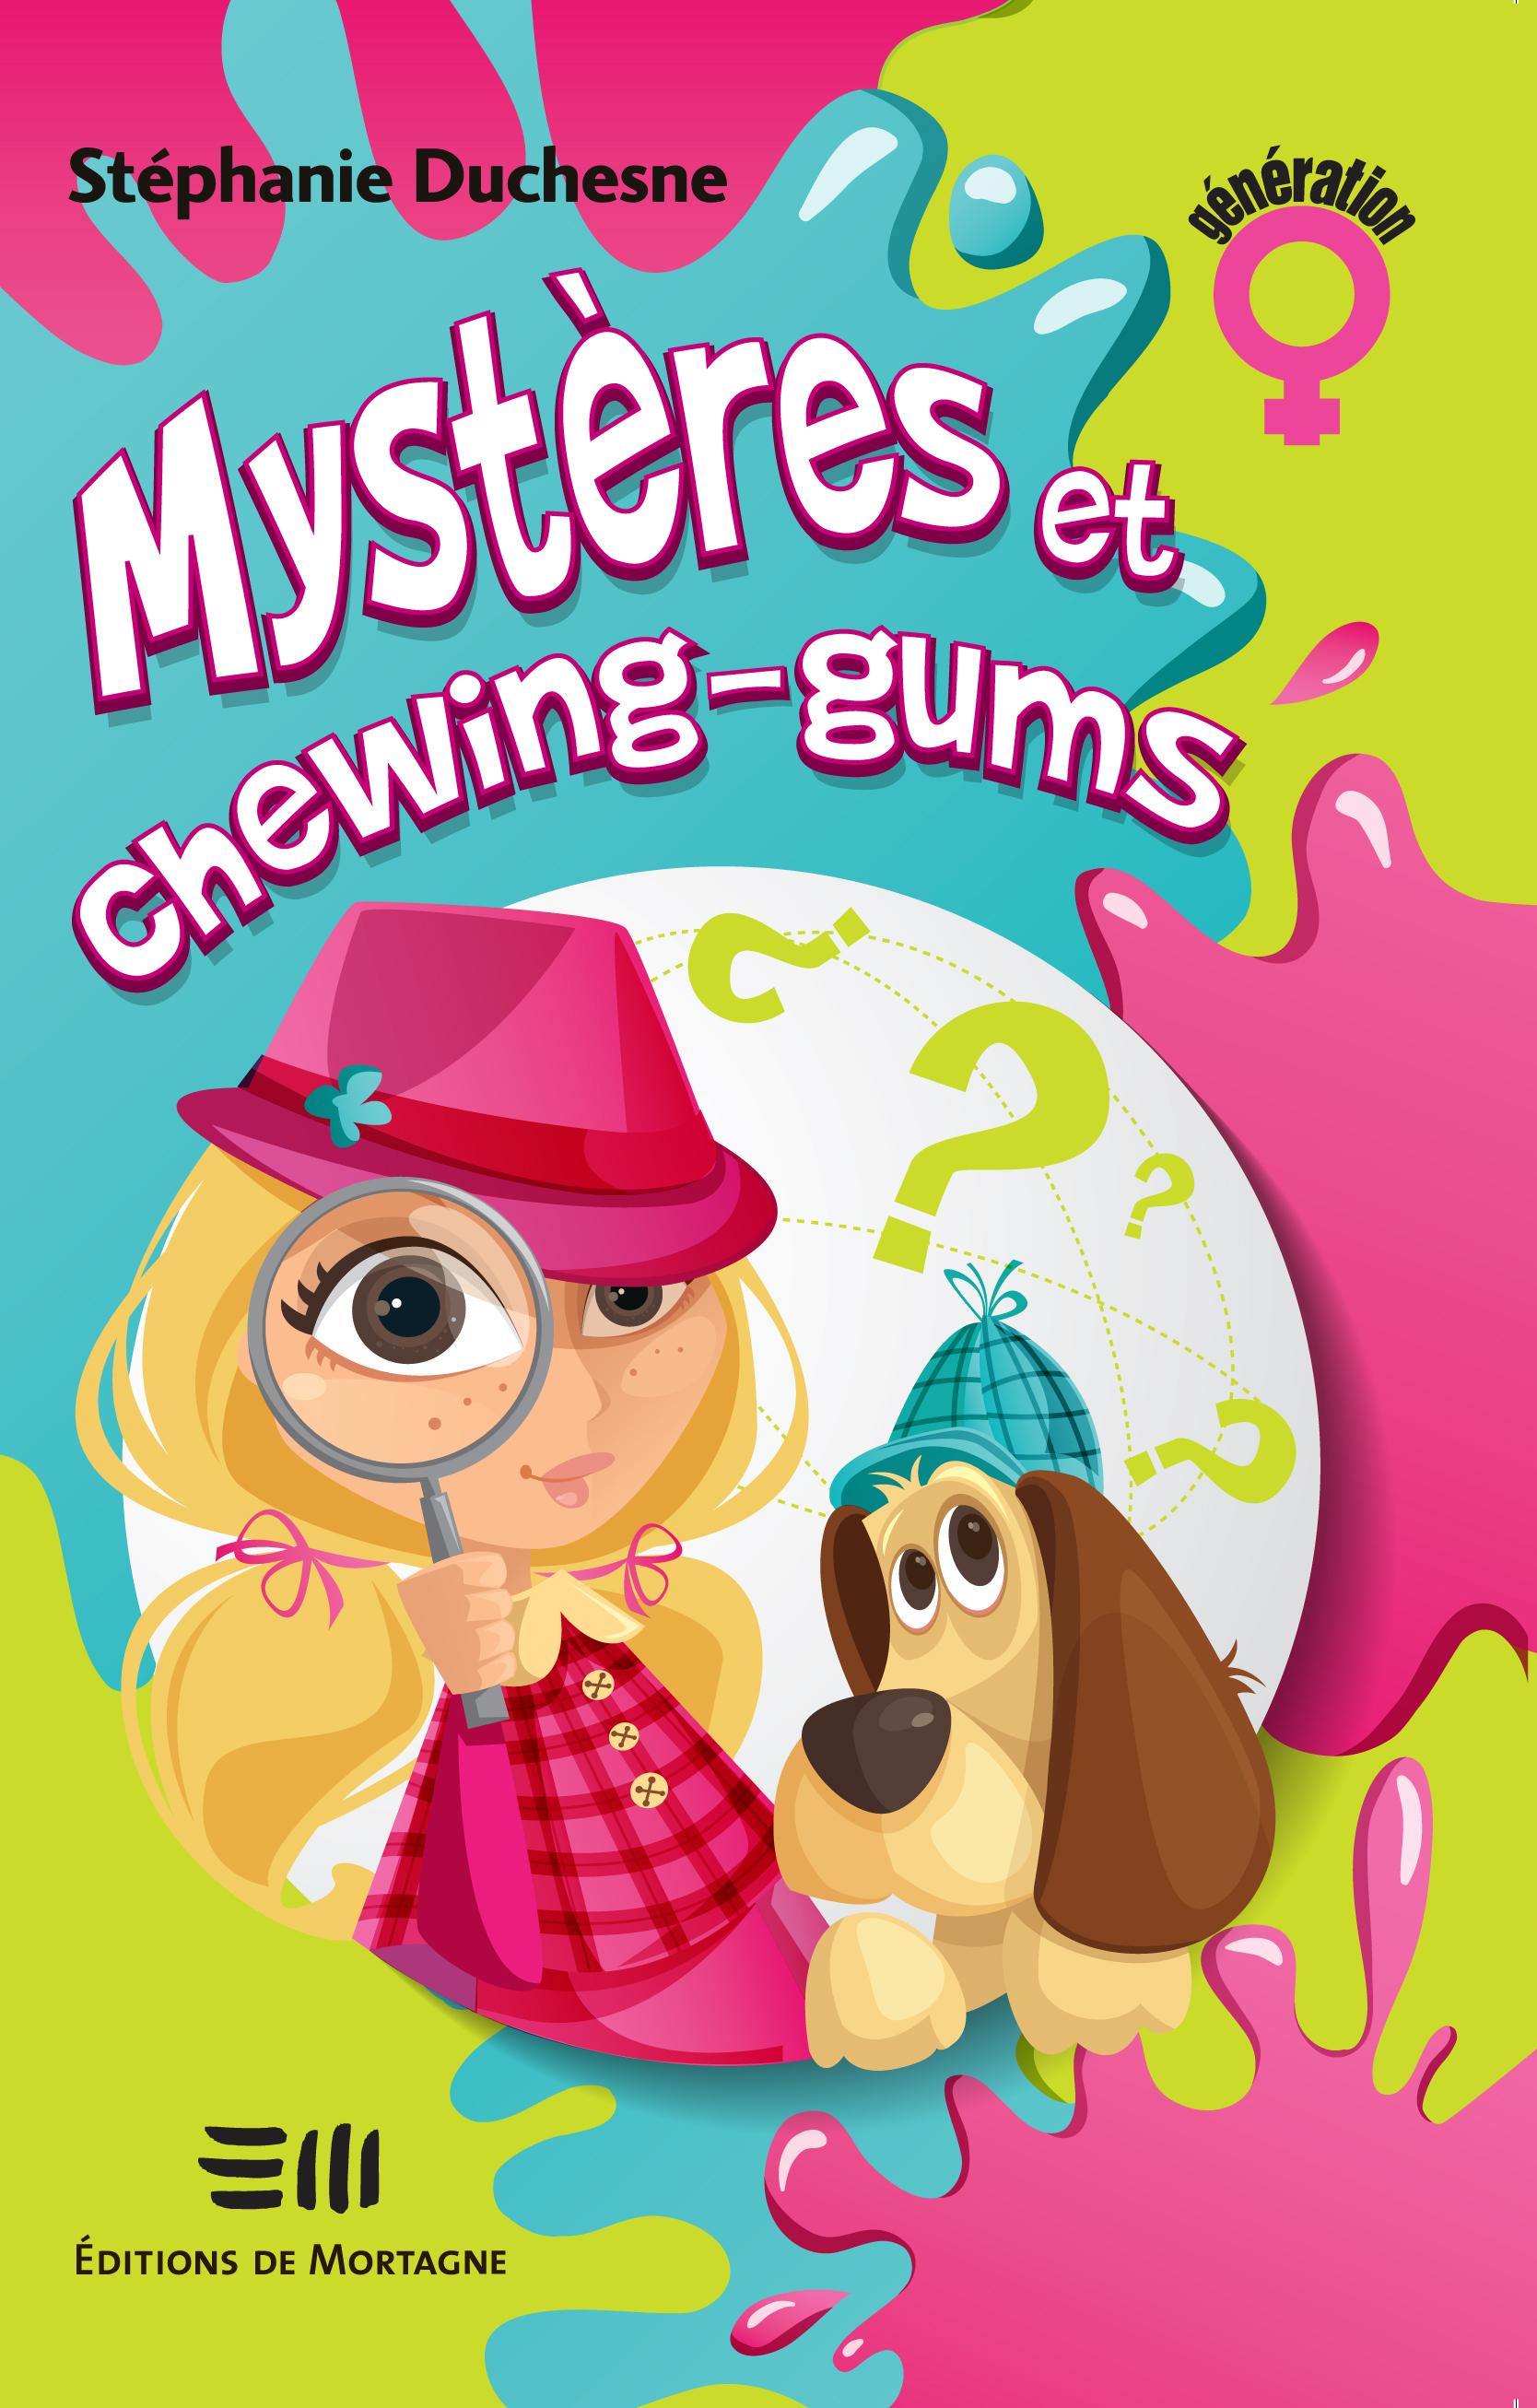 Mystères et chewing-gums